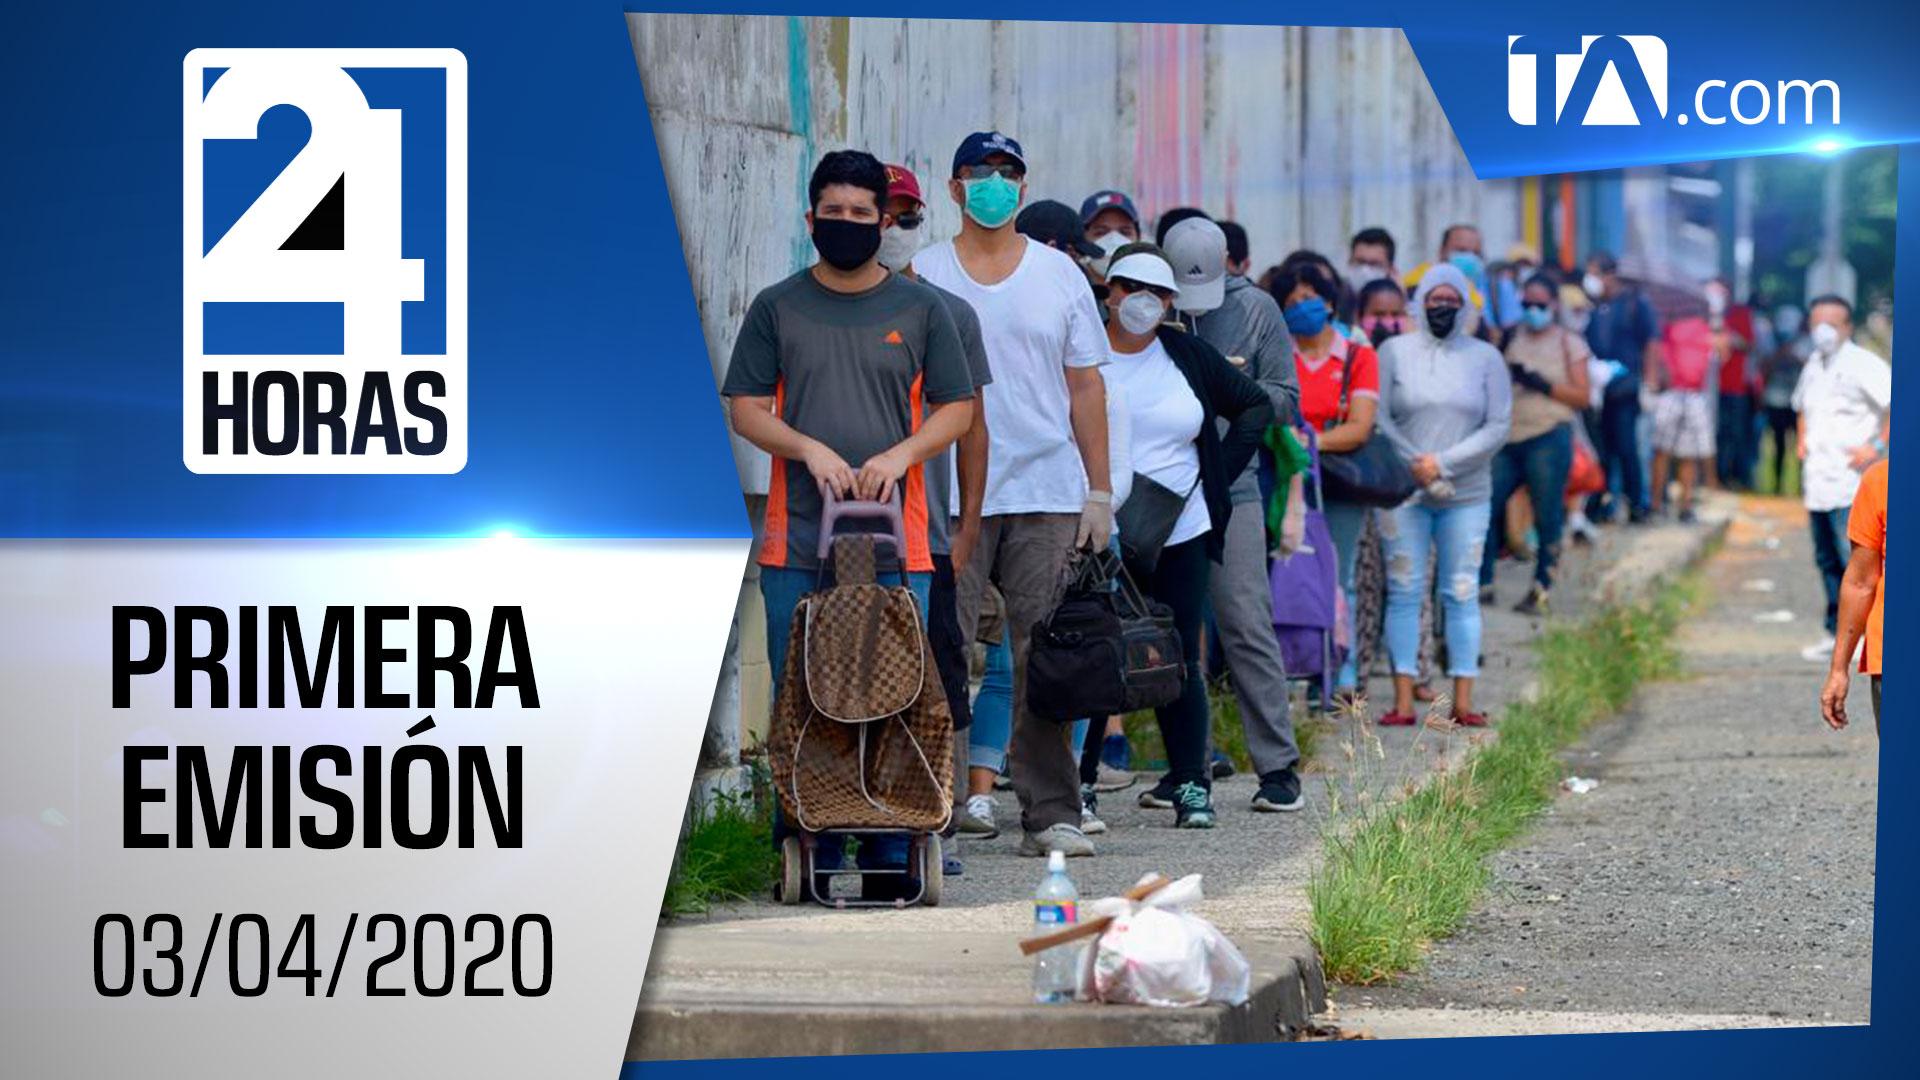 Noticias Ecuador: Noticiero 24 Horas 03/04/2020 (Primera Emisión)